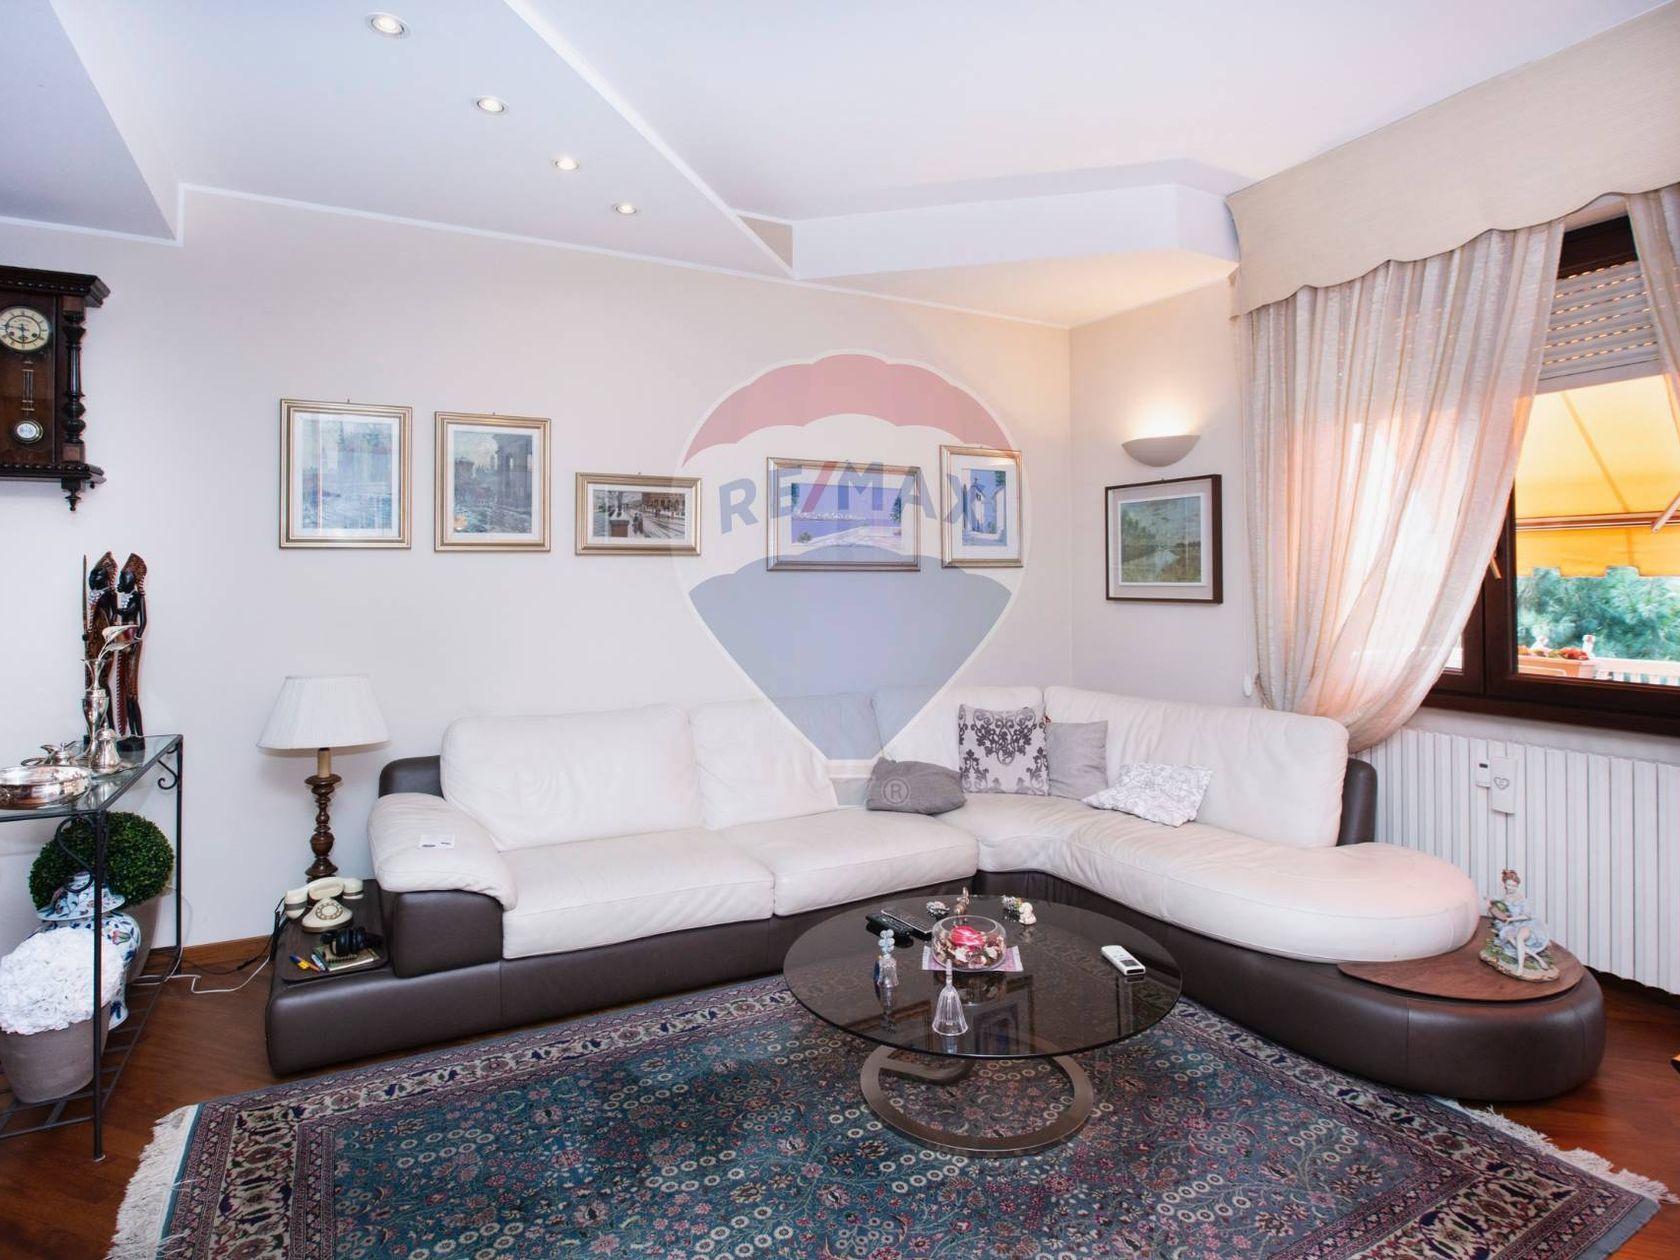 Appartamento Zona San Carlo, Rho, MI Vendita - Foto 10